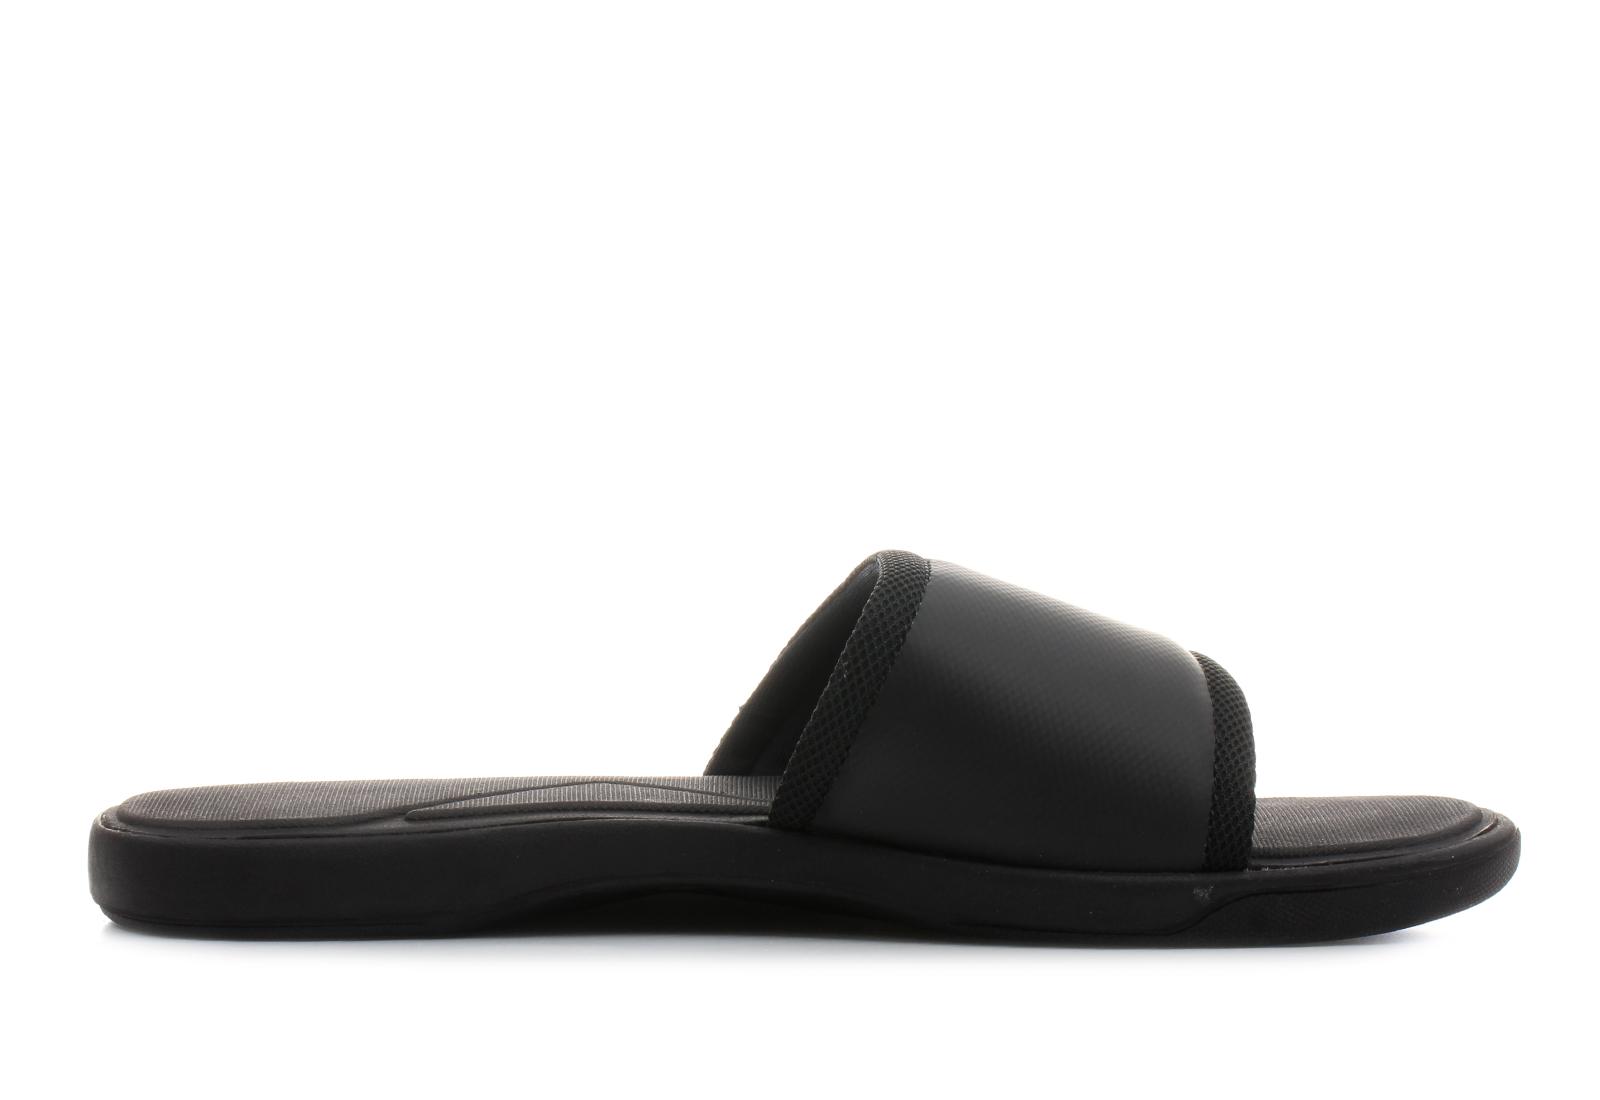 767a5aa4fe0c Lacoste Slippers - L.30 Slide Sport - 181spm2169-024 - Online shop ...